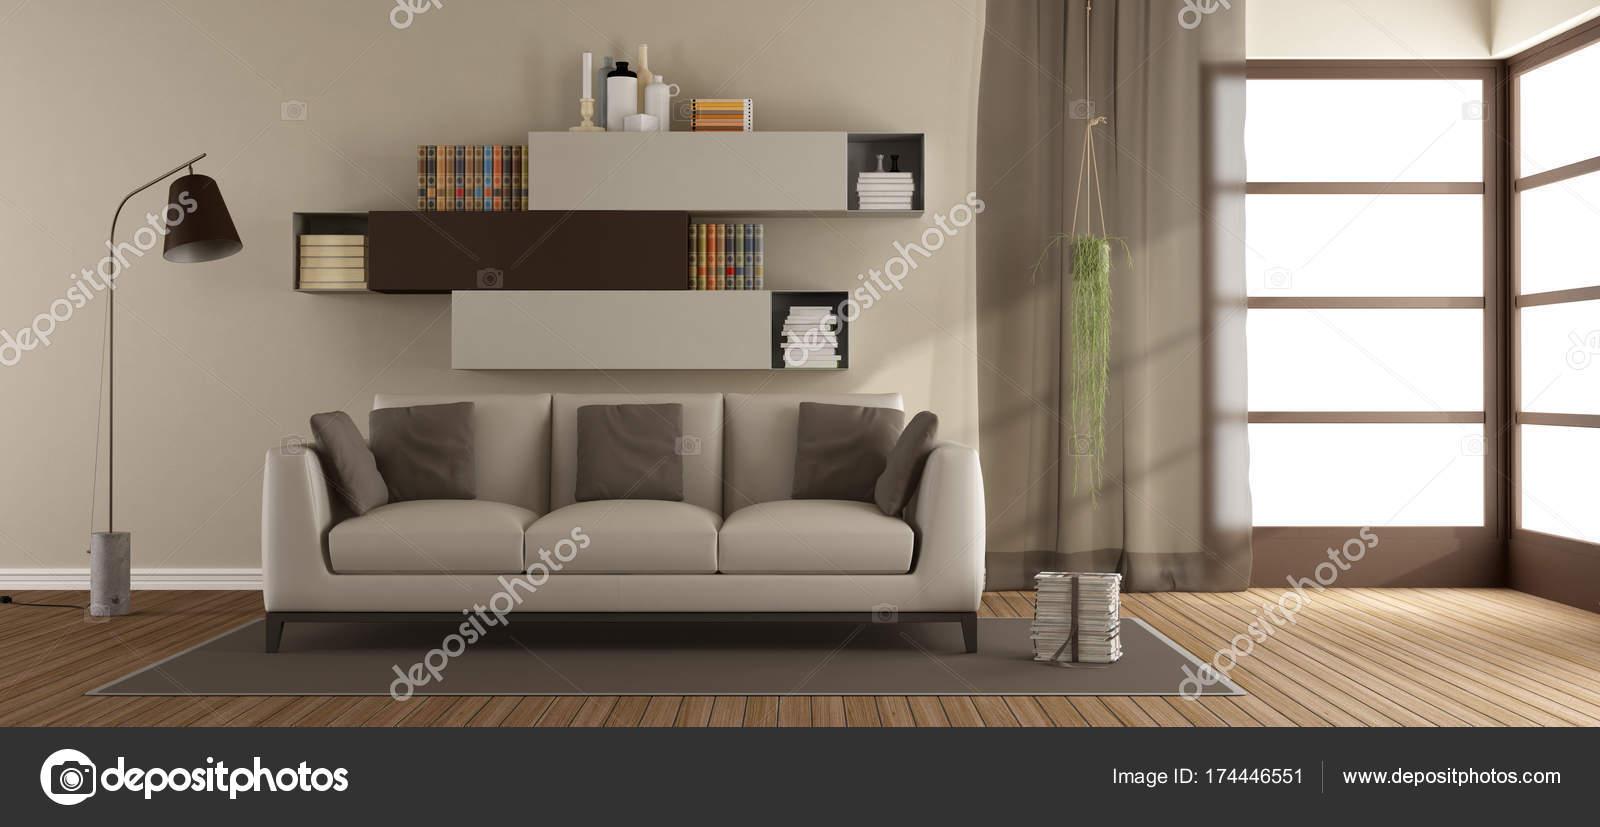 Salon Moderne Beige Marron salon beige et marron — photographie archideaphoto © #174446551